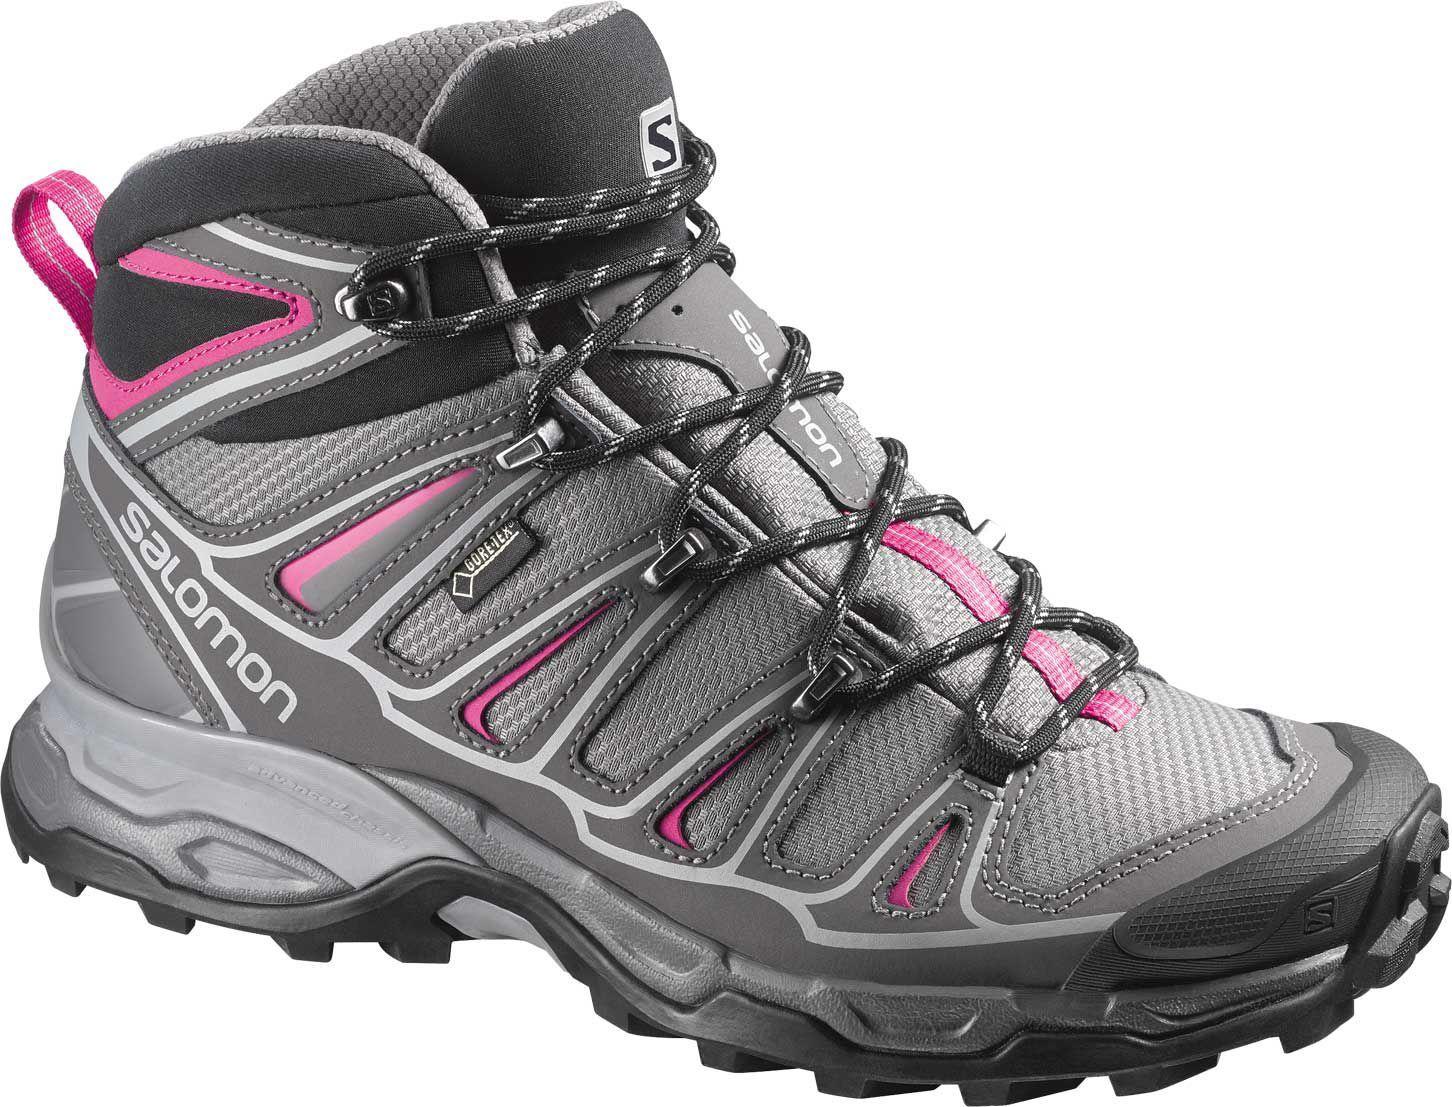 409768f3ebb9 Salomon Women s X Ultra Mid 2 GORE-TEX Hiking Boots